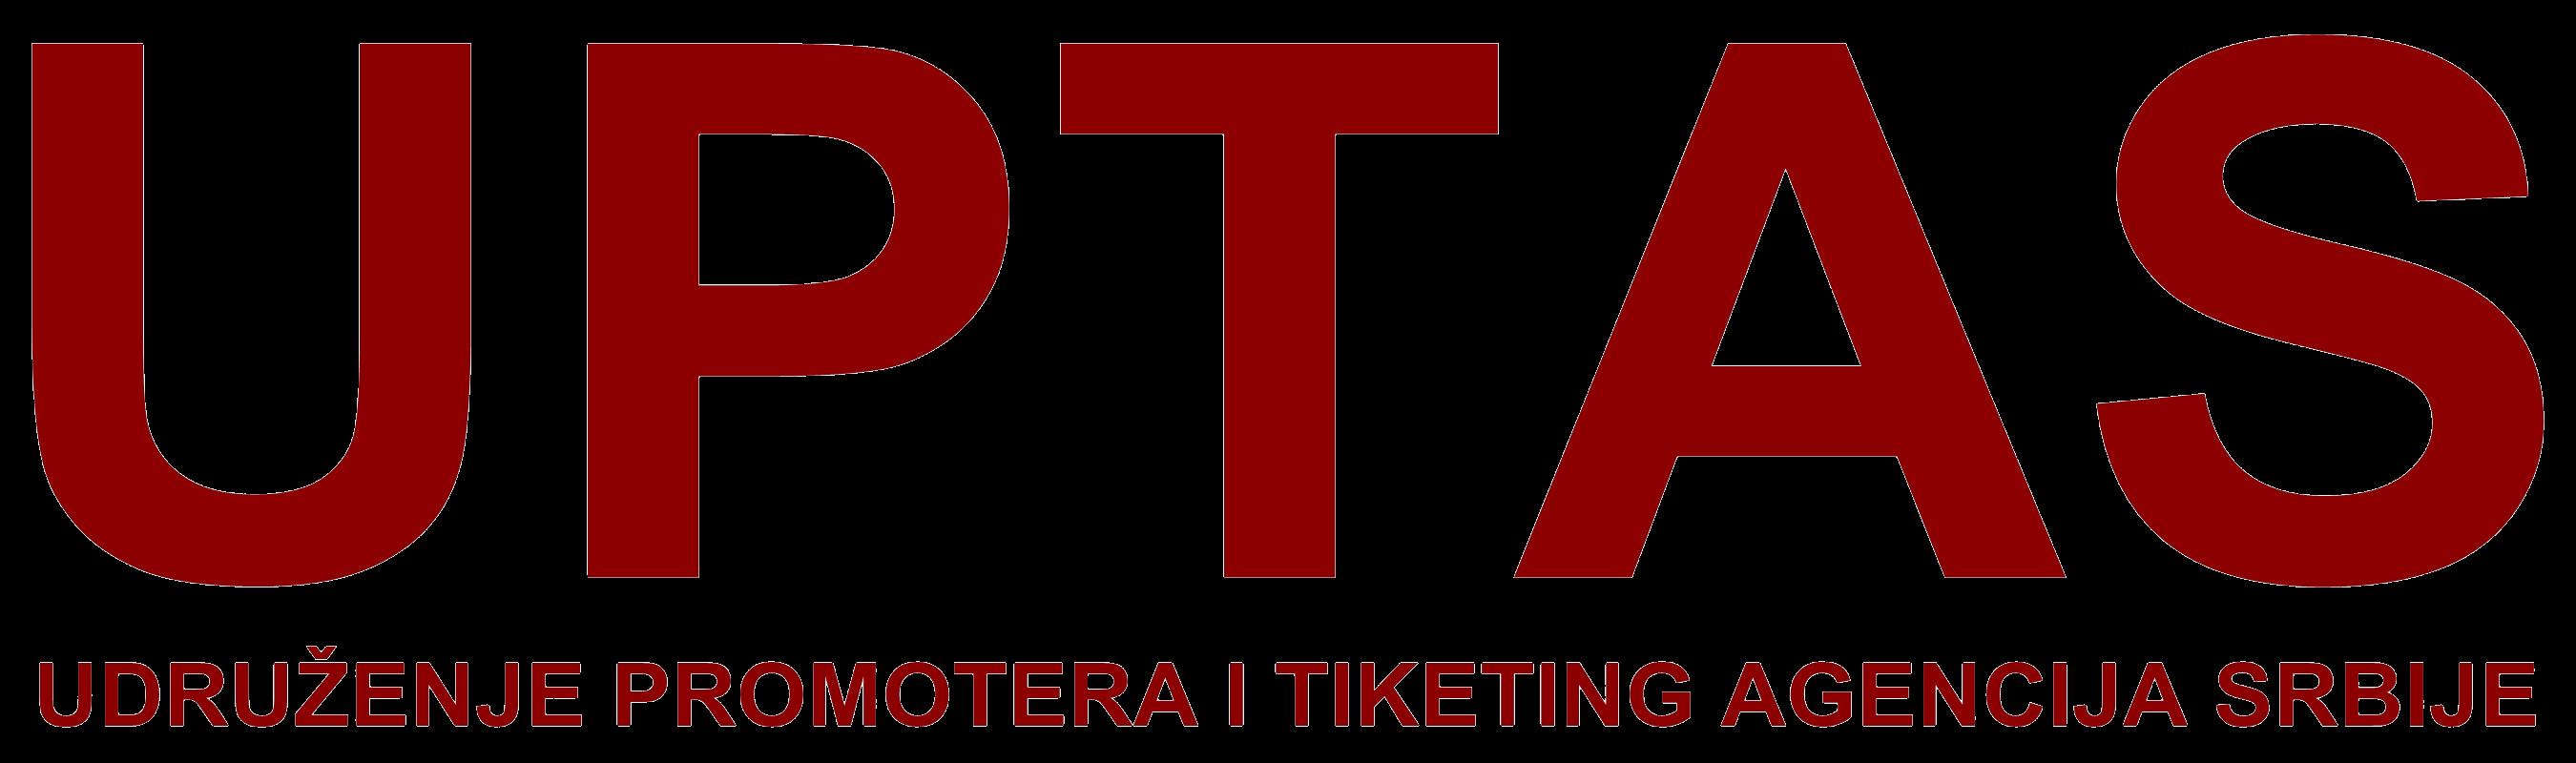 Udruženje promotera i tiketing agencija Srbije